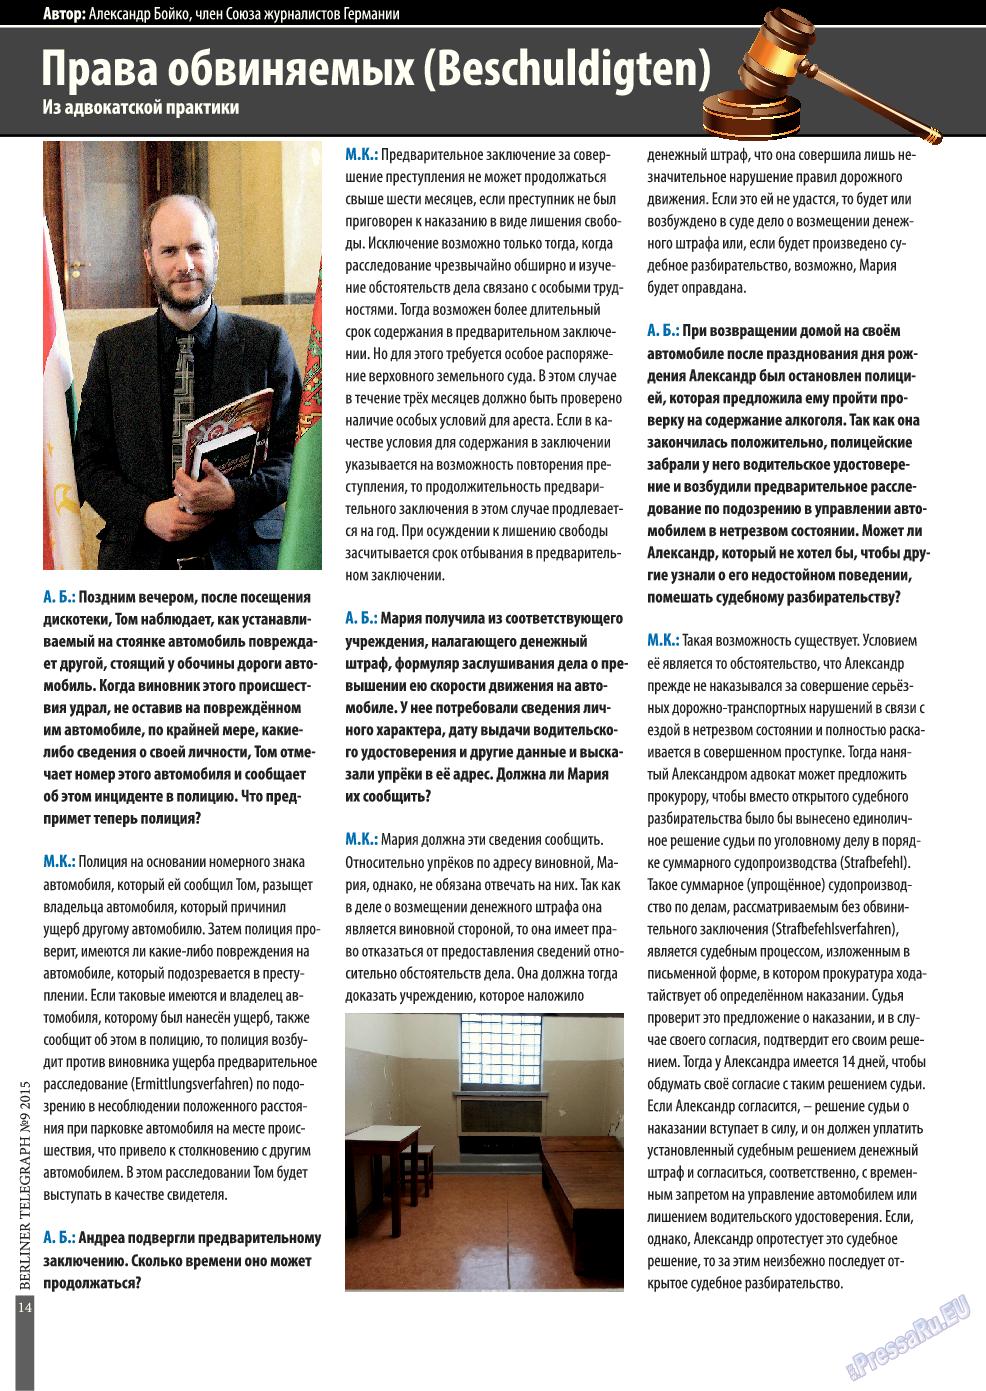 Берлинский телеграф (журнал). 2015 год, номер 10, стр. 14